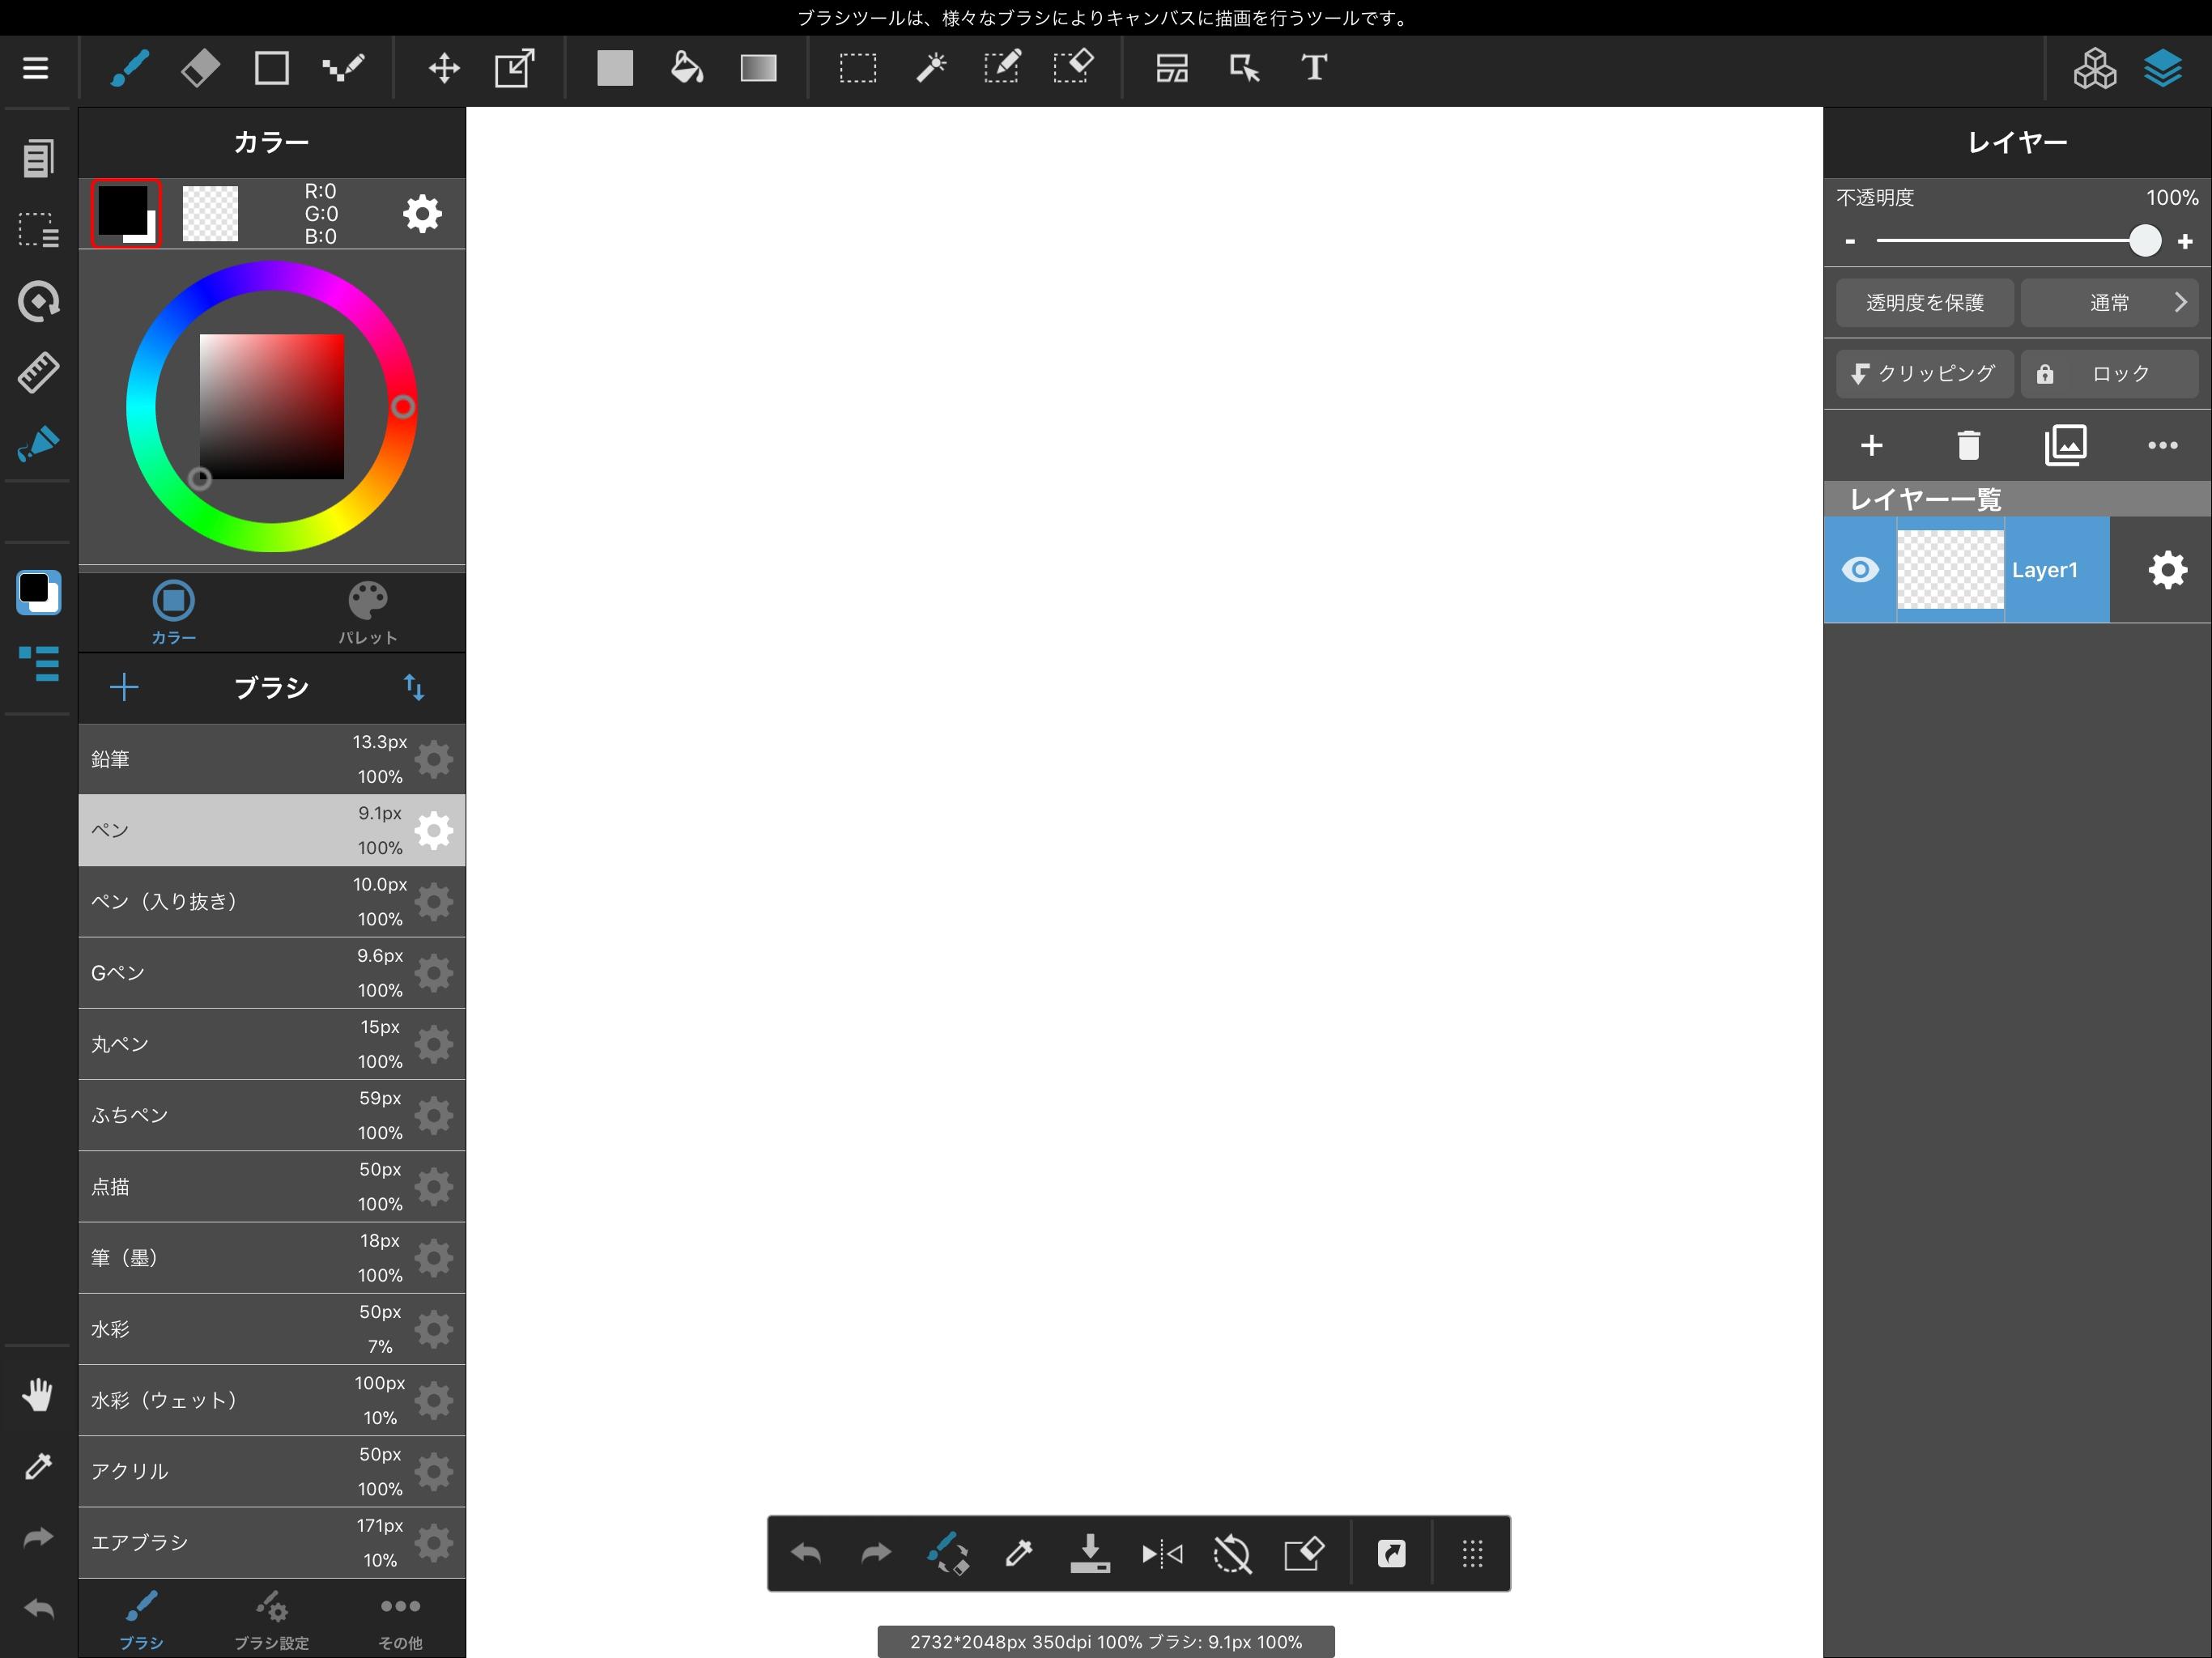 カラーメニューが左に表示されている画面